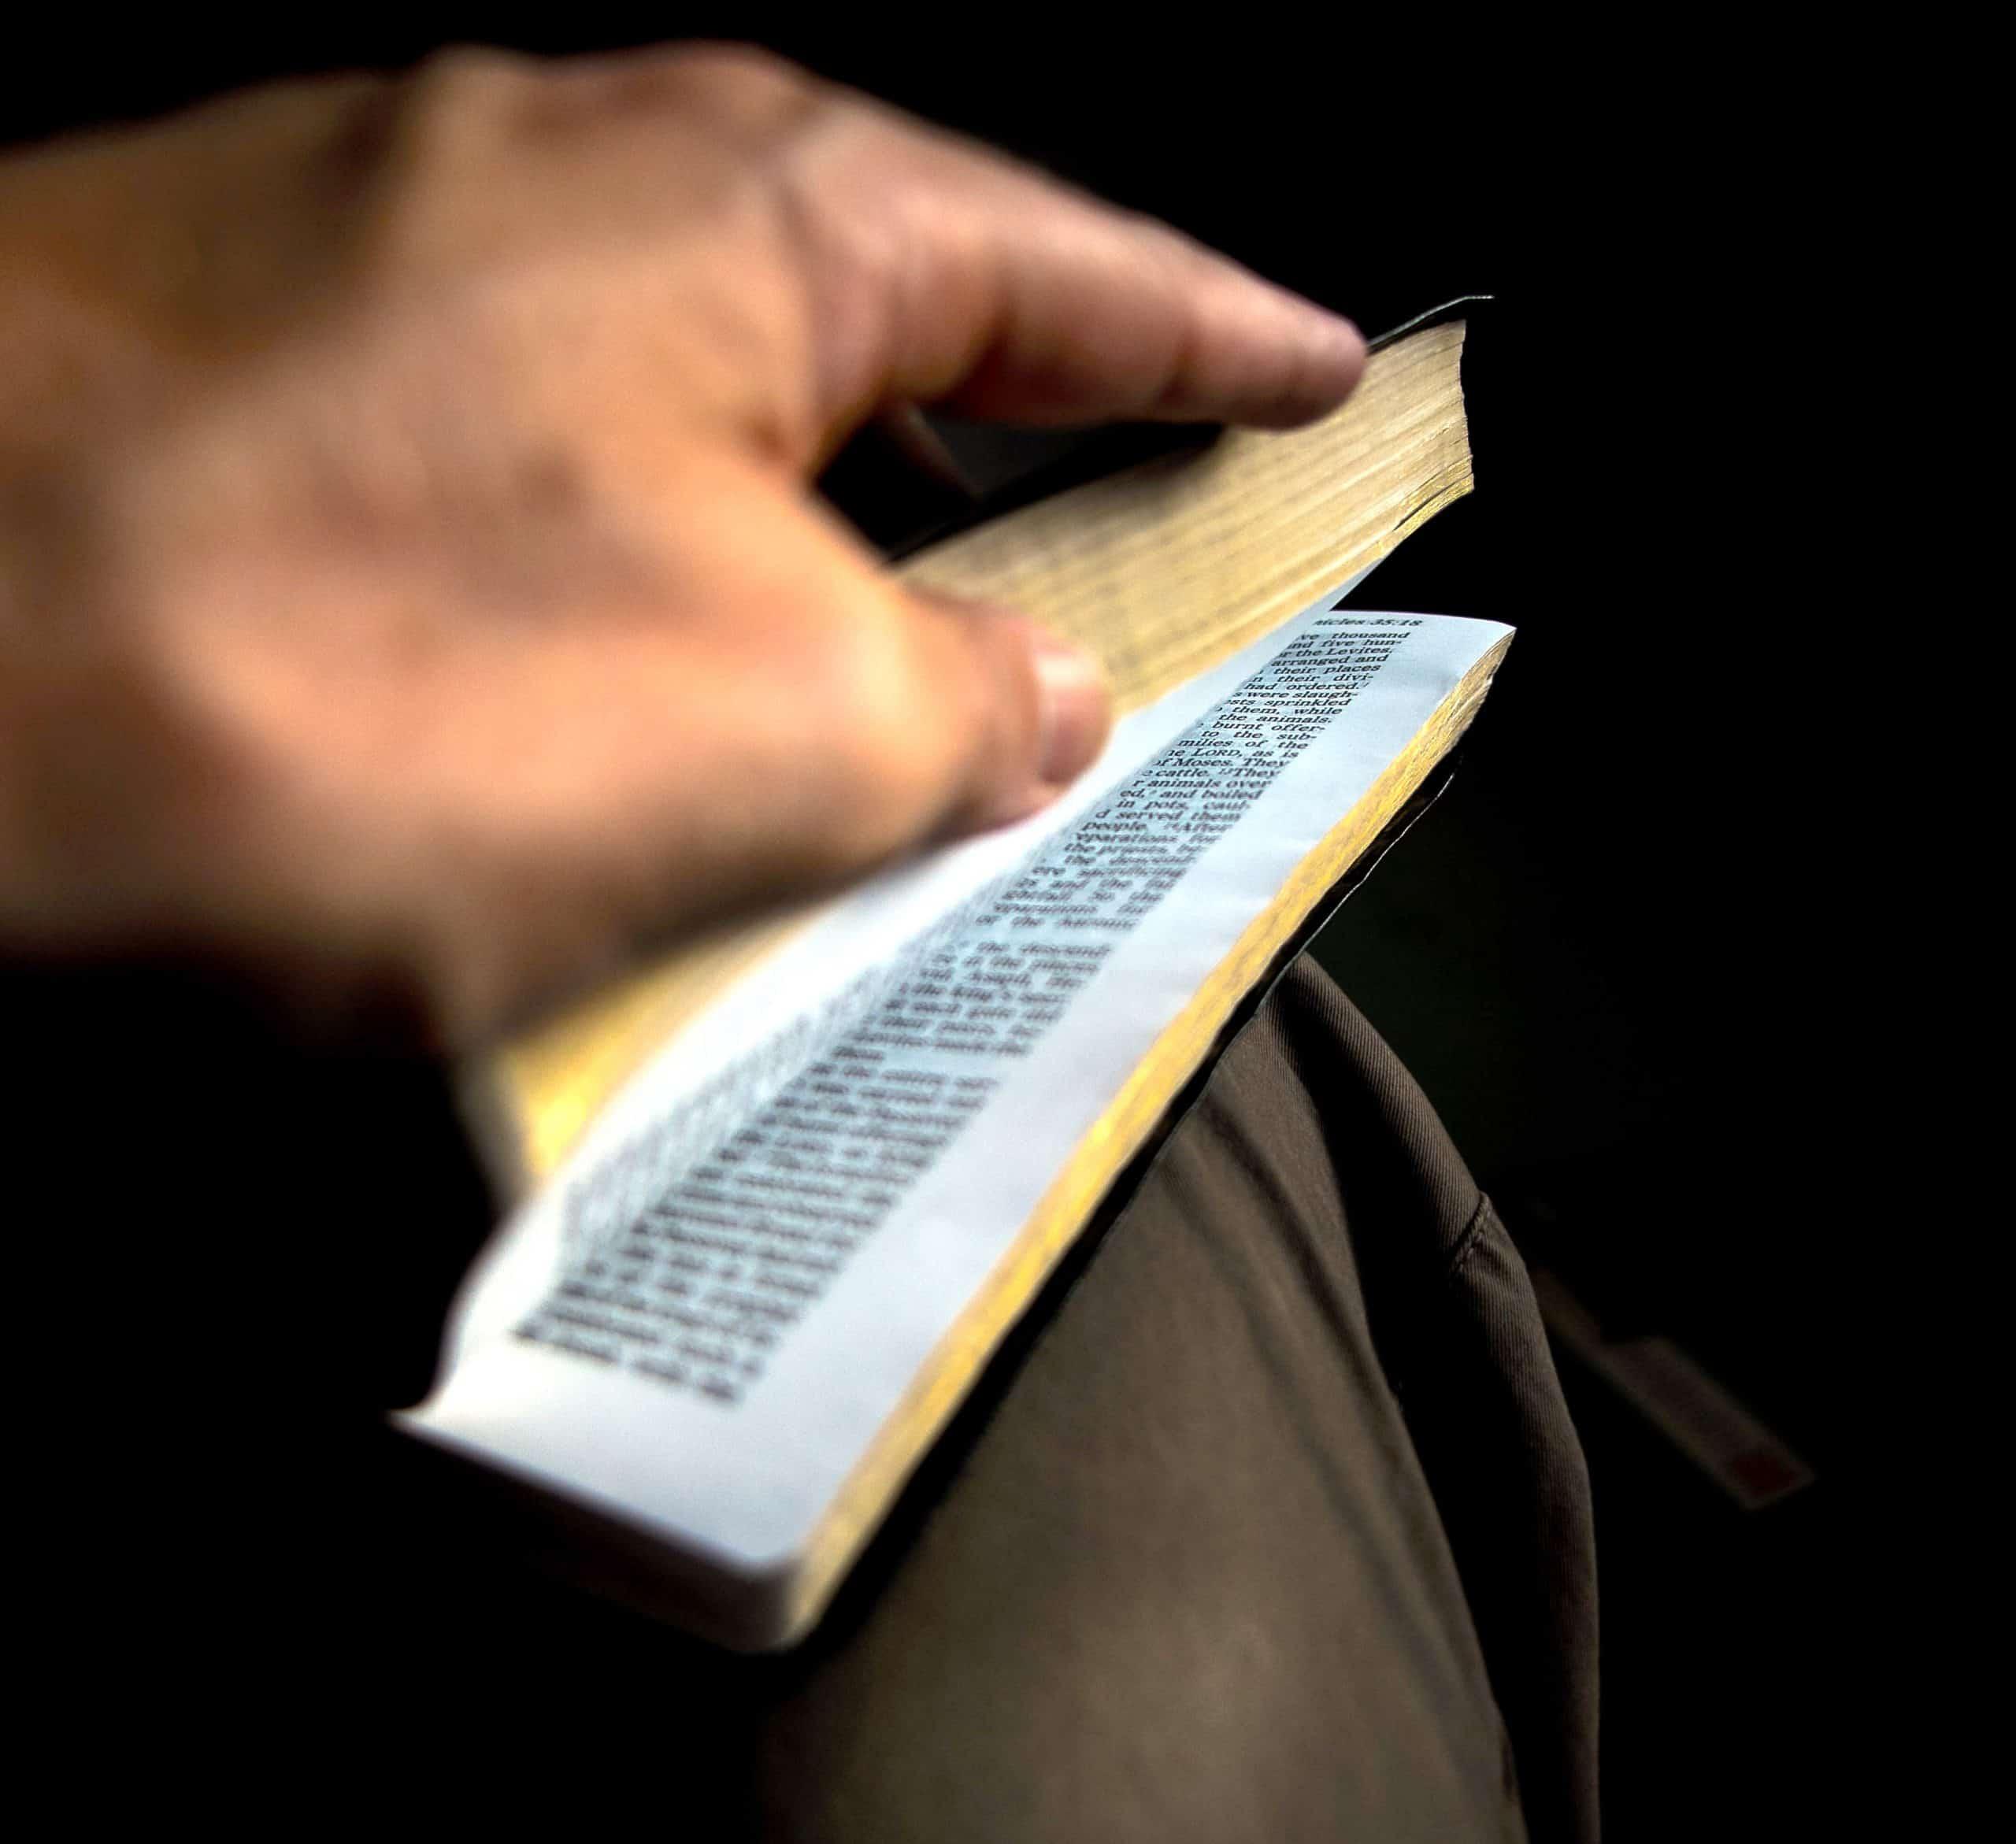 Lectio Divina: Encountering God through Scripture